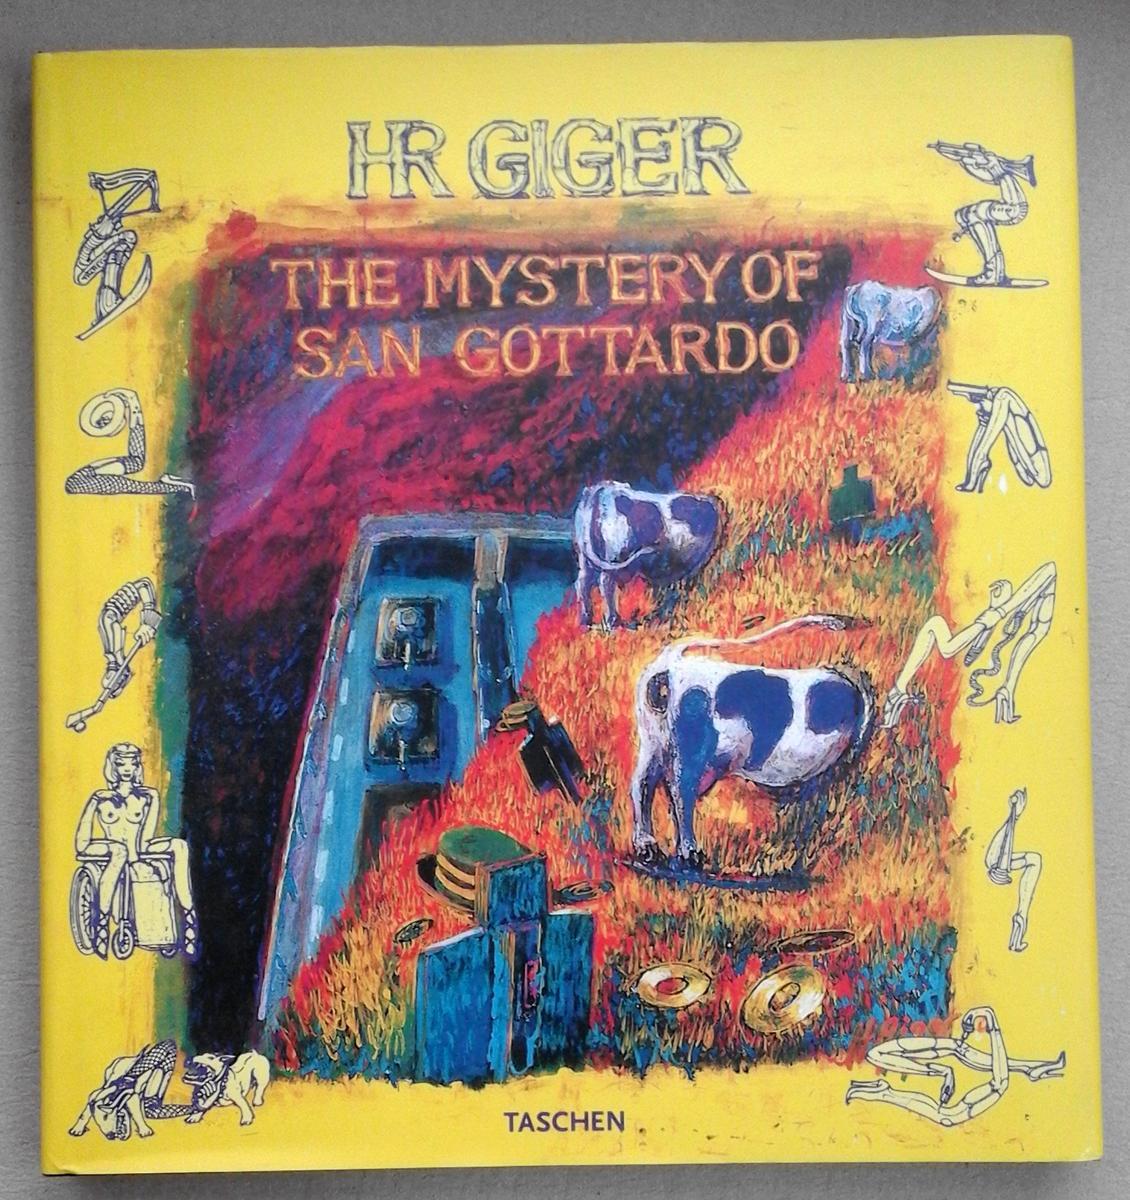 The Mystery of San Gottardo (Taschen Specials): Giger, H R